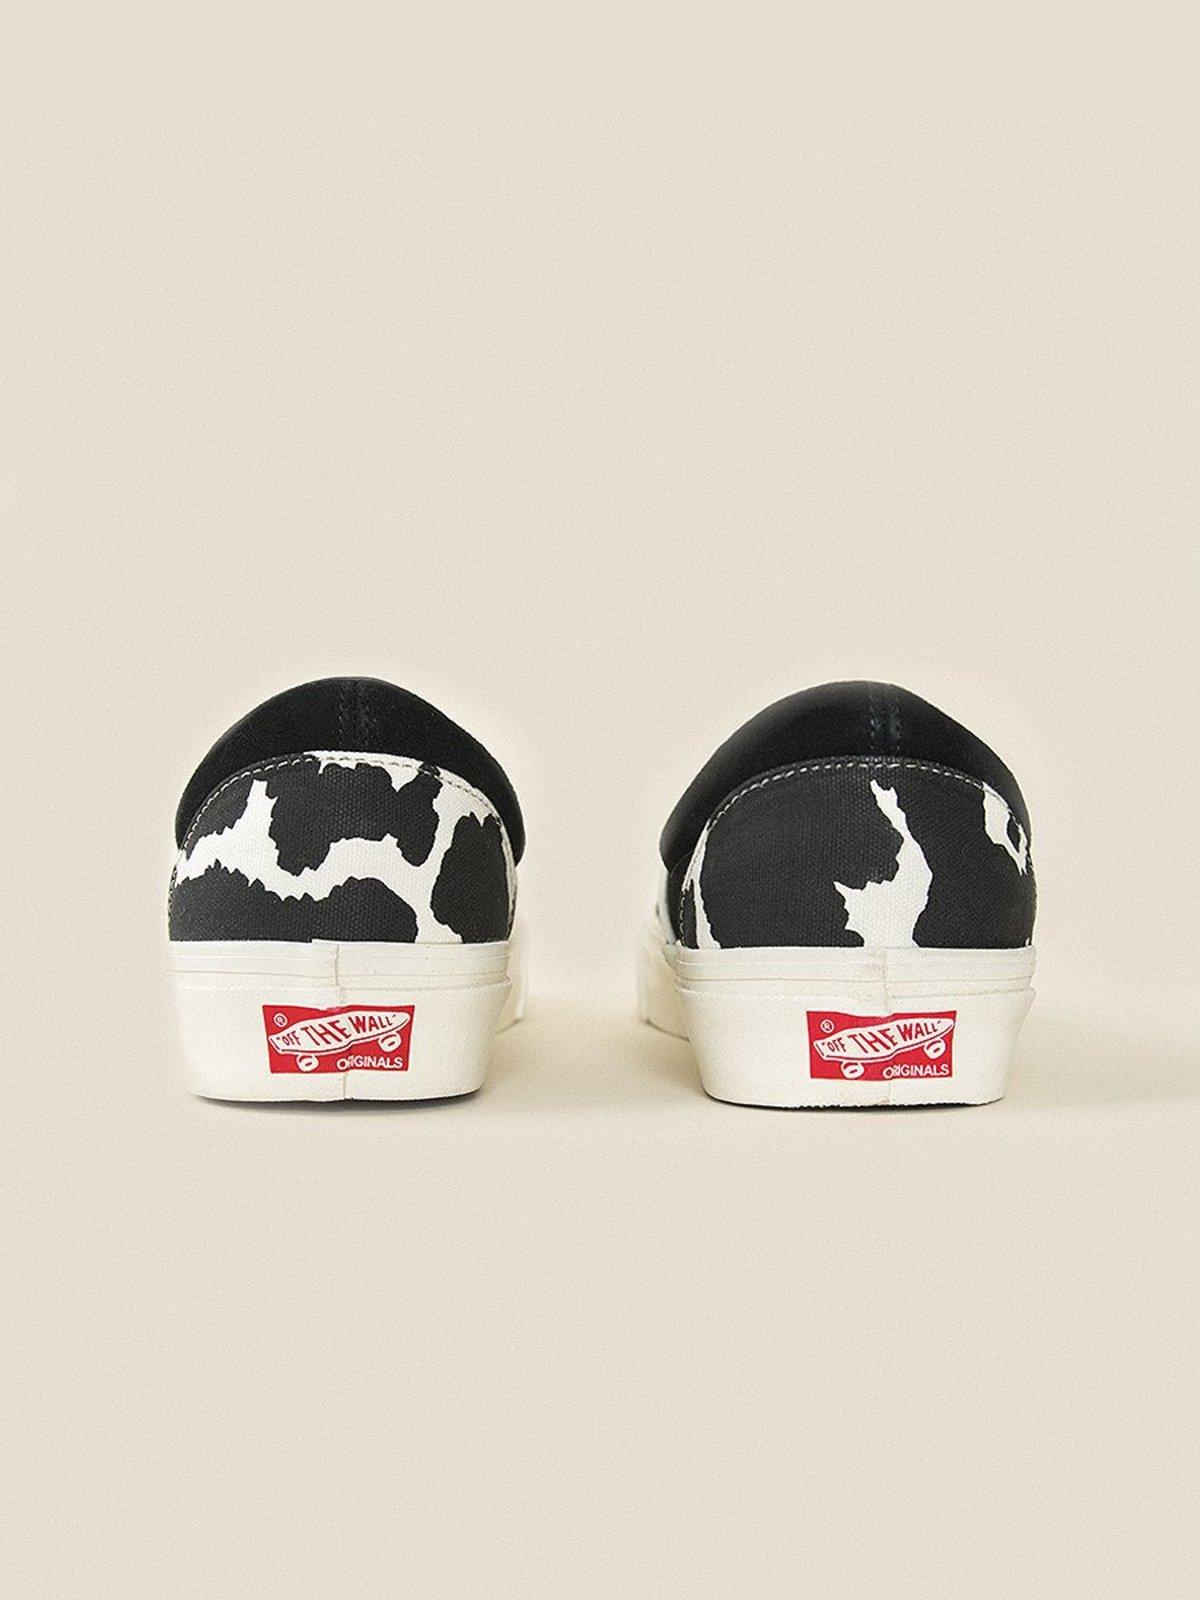 VANS VAULT OG Classic Slip On LX - Cow Black  9628e8a2b